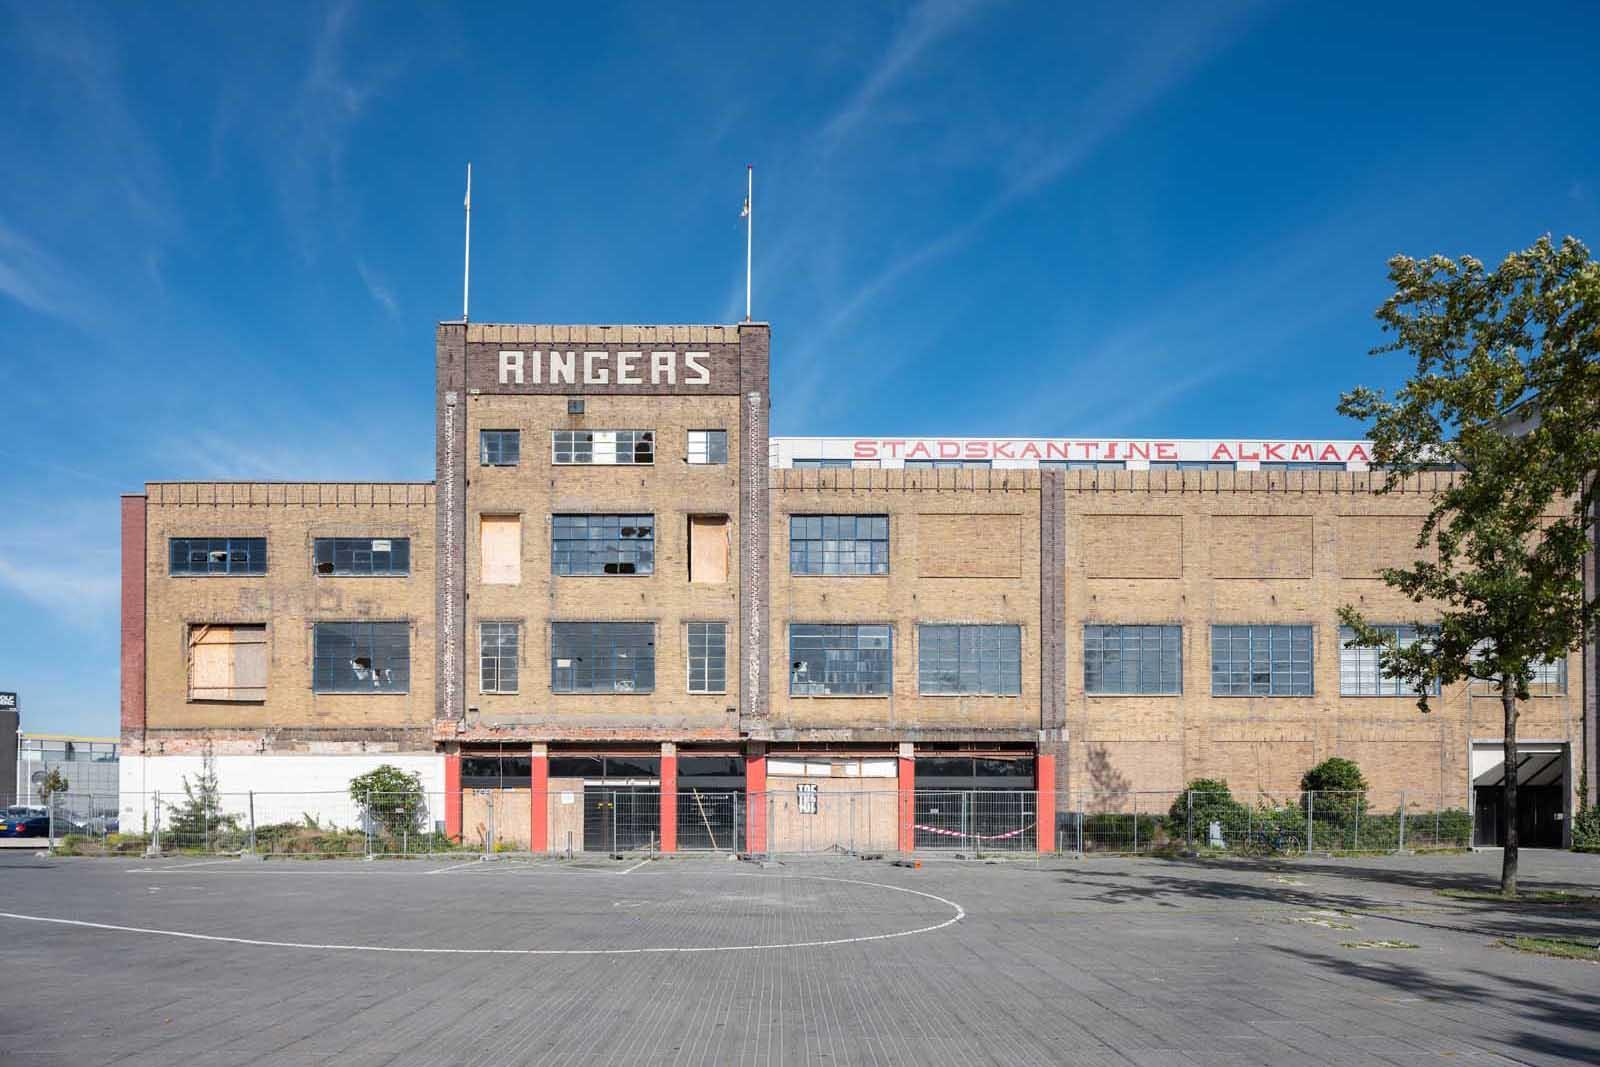 Voorbeeldproject herbestemming: de Ringersfabriek in Alkmaar